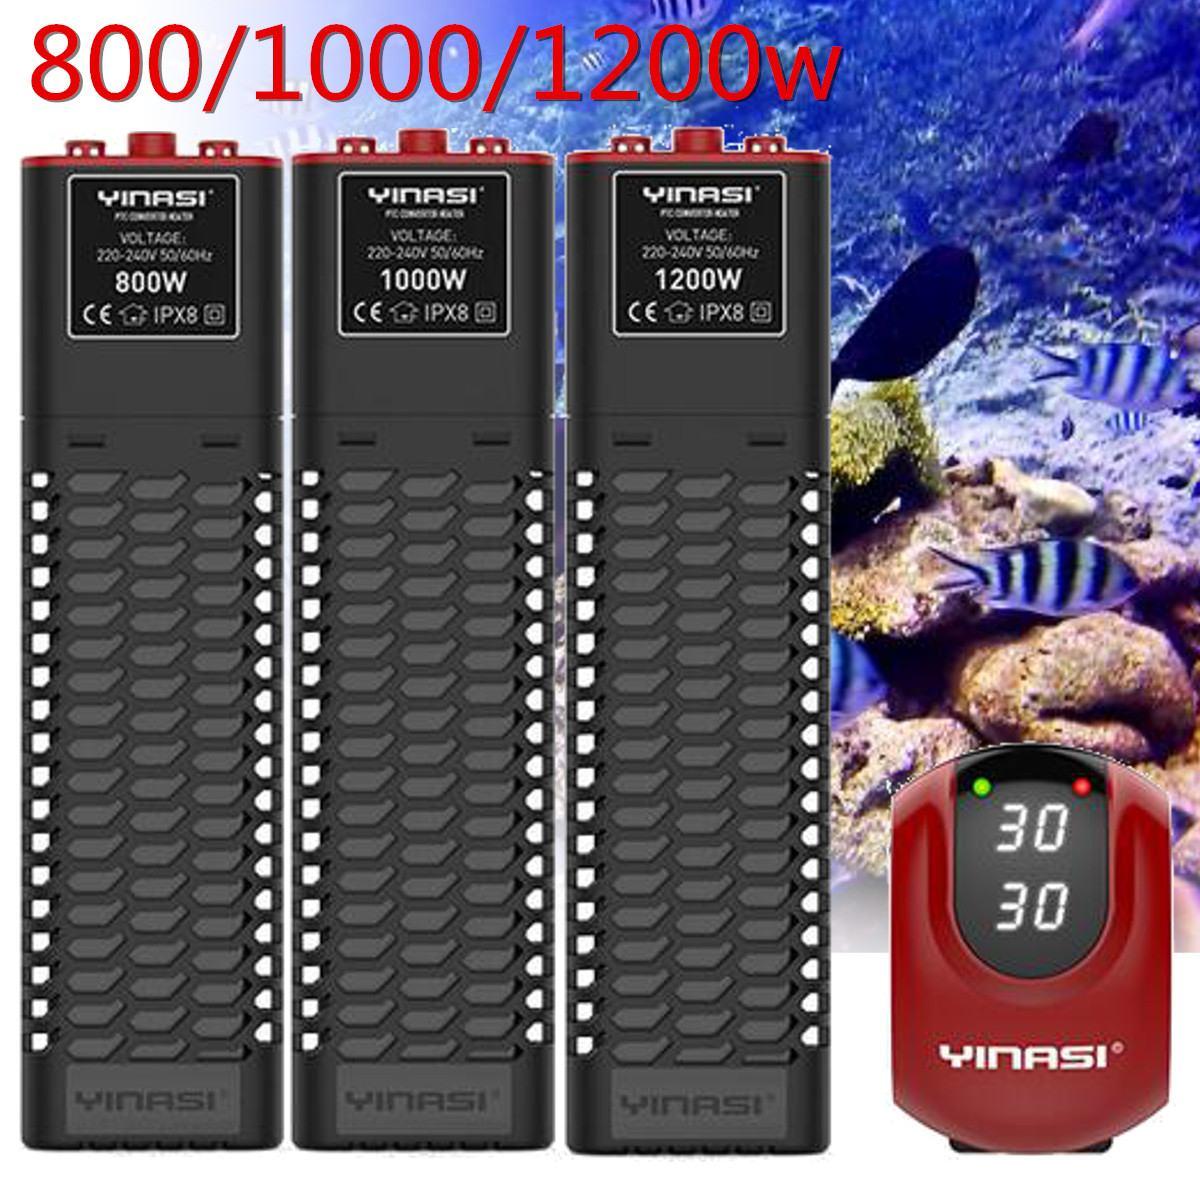 800/1000/1200W Mini Aquarium Tige de Chauffage D'eau Submersible Aquarium Tige de Chauffage Thermostat Automatique De Contrôle De Température Outils